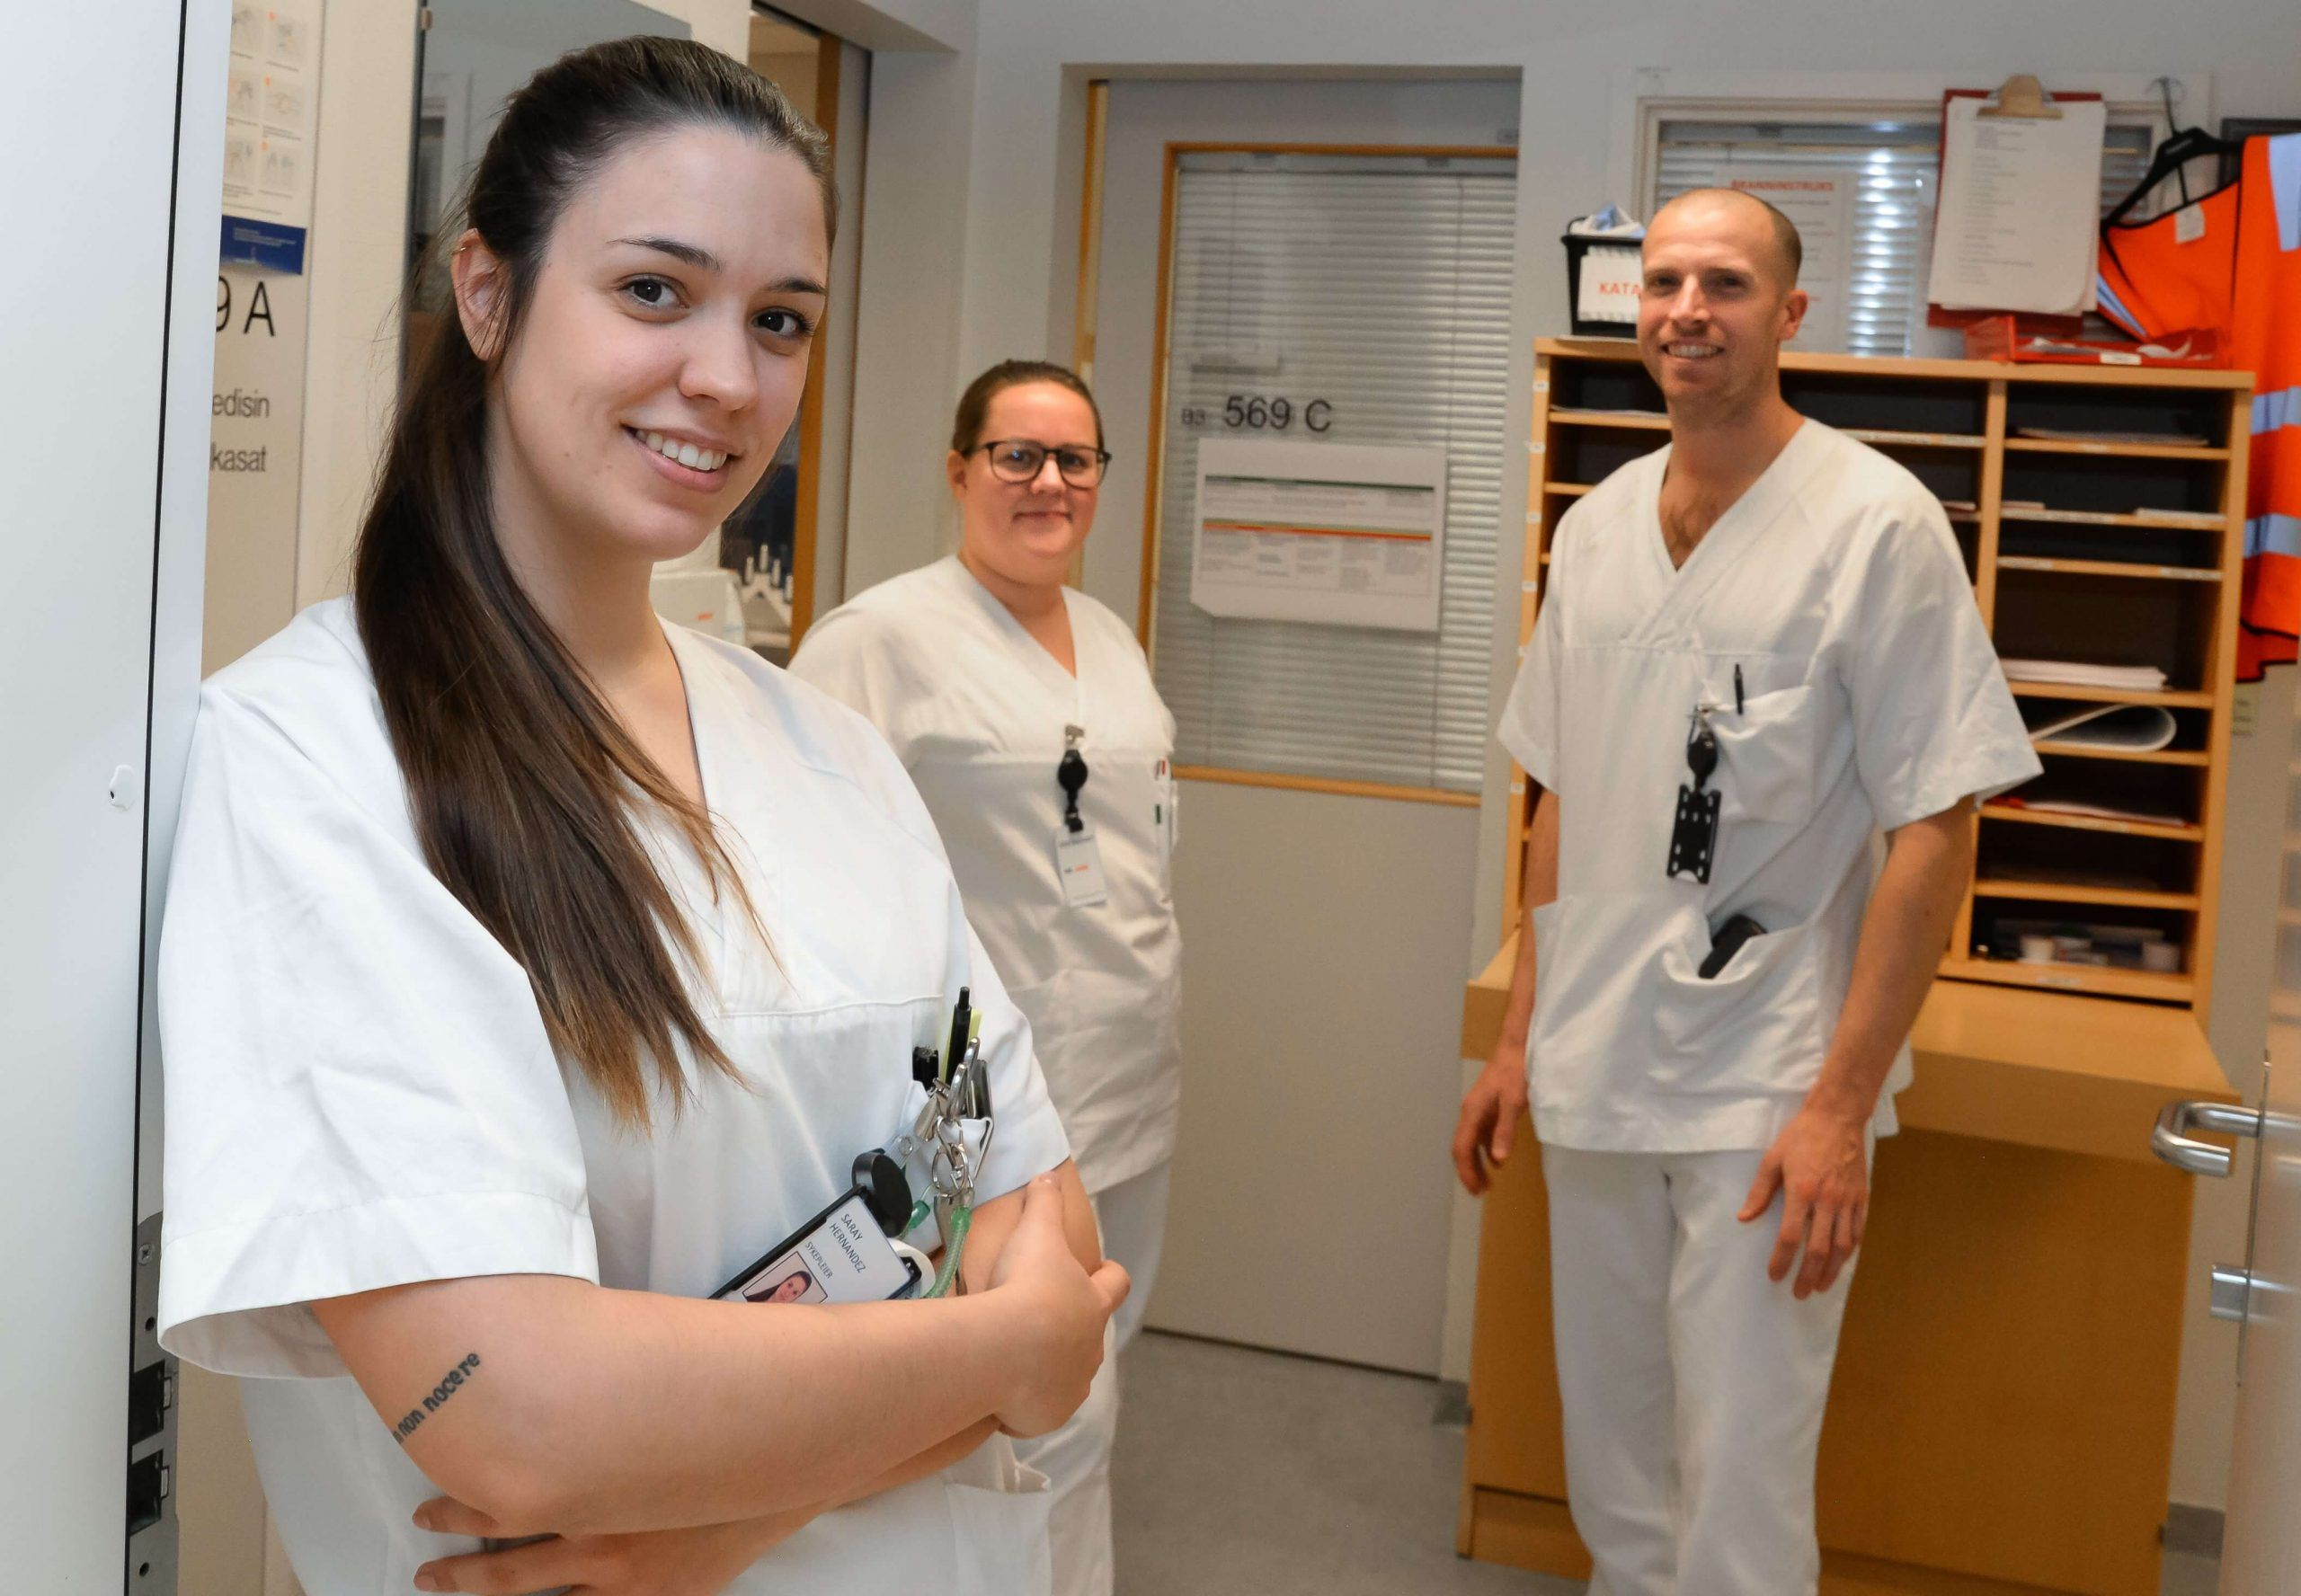 Avec ses collègues dans le service d'urgence de l'hôpital universitaire de Tromsø. Photo: Per-Christian Johansen, University Hospital of North Norway